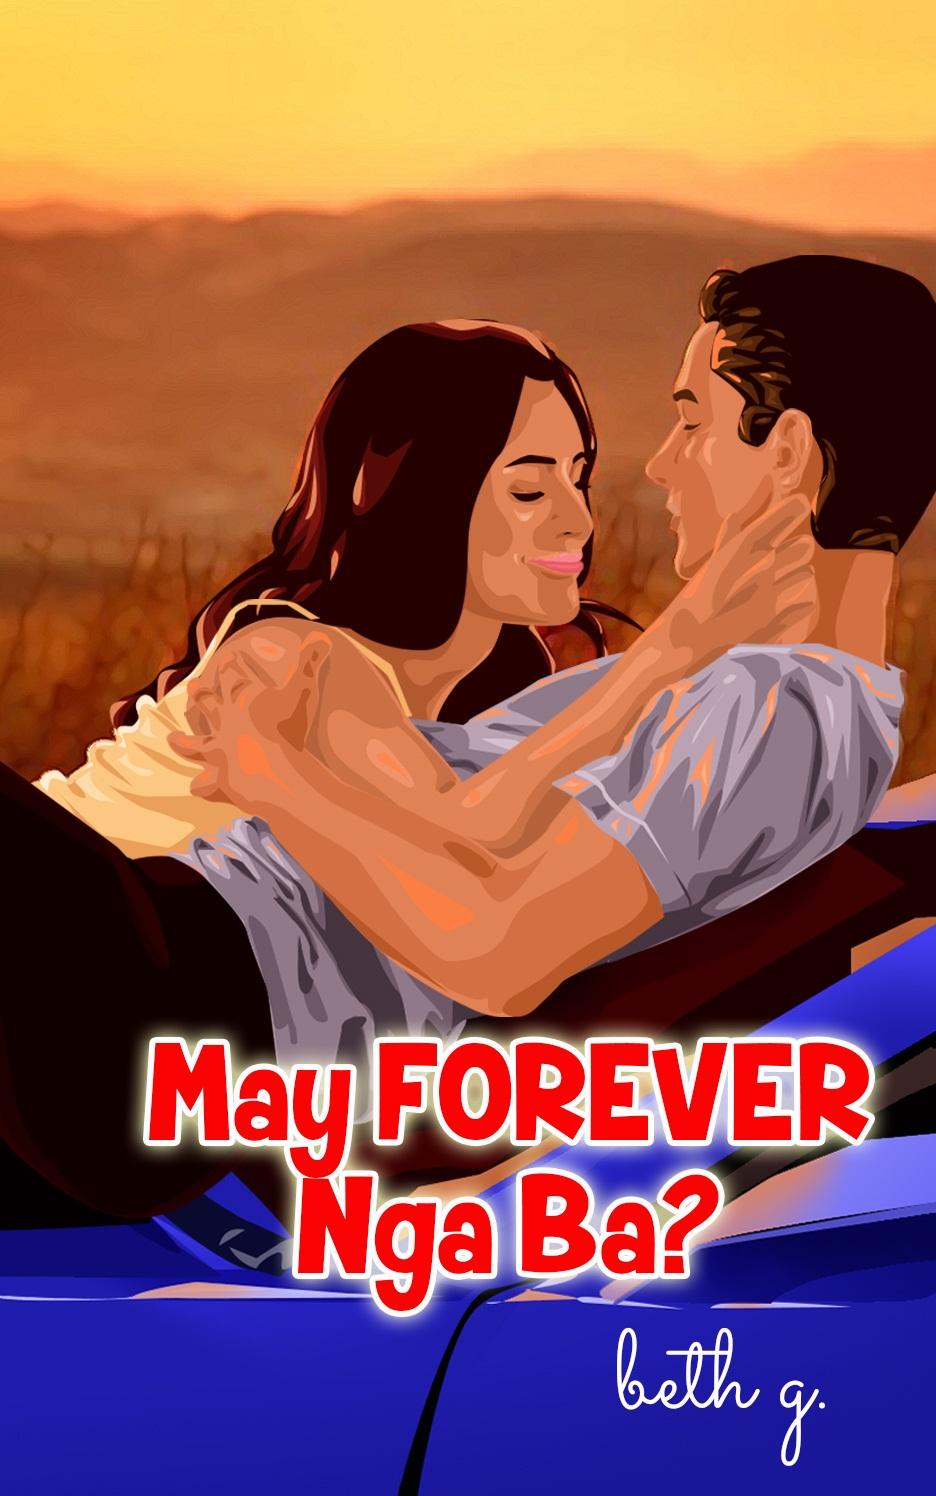 may forever nga ba